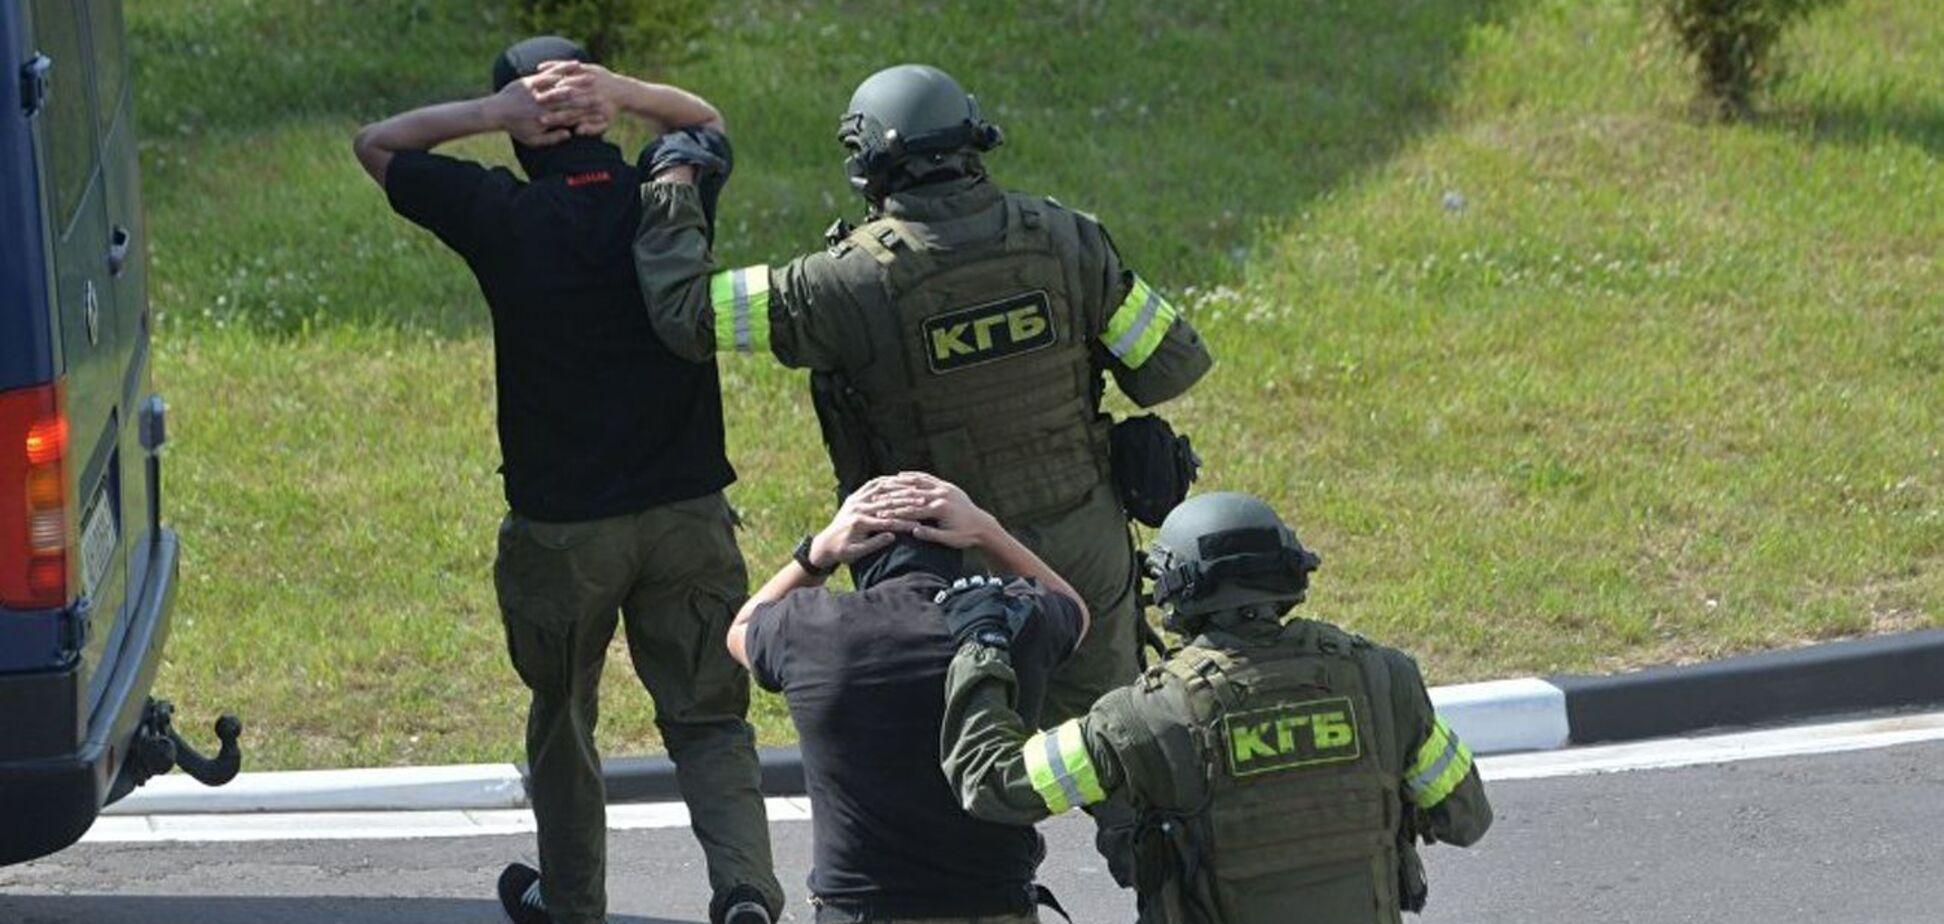 Кто стоял за украинской спецоперацией по задержанию 'вагнеровцев'